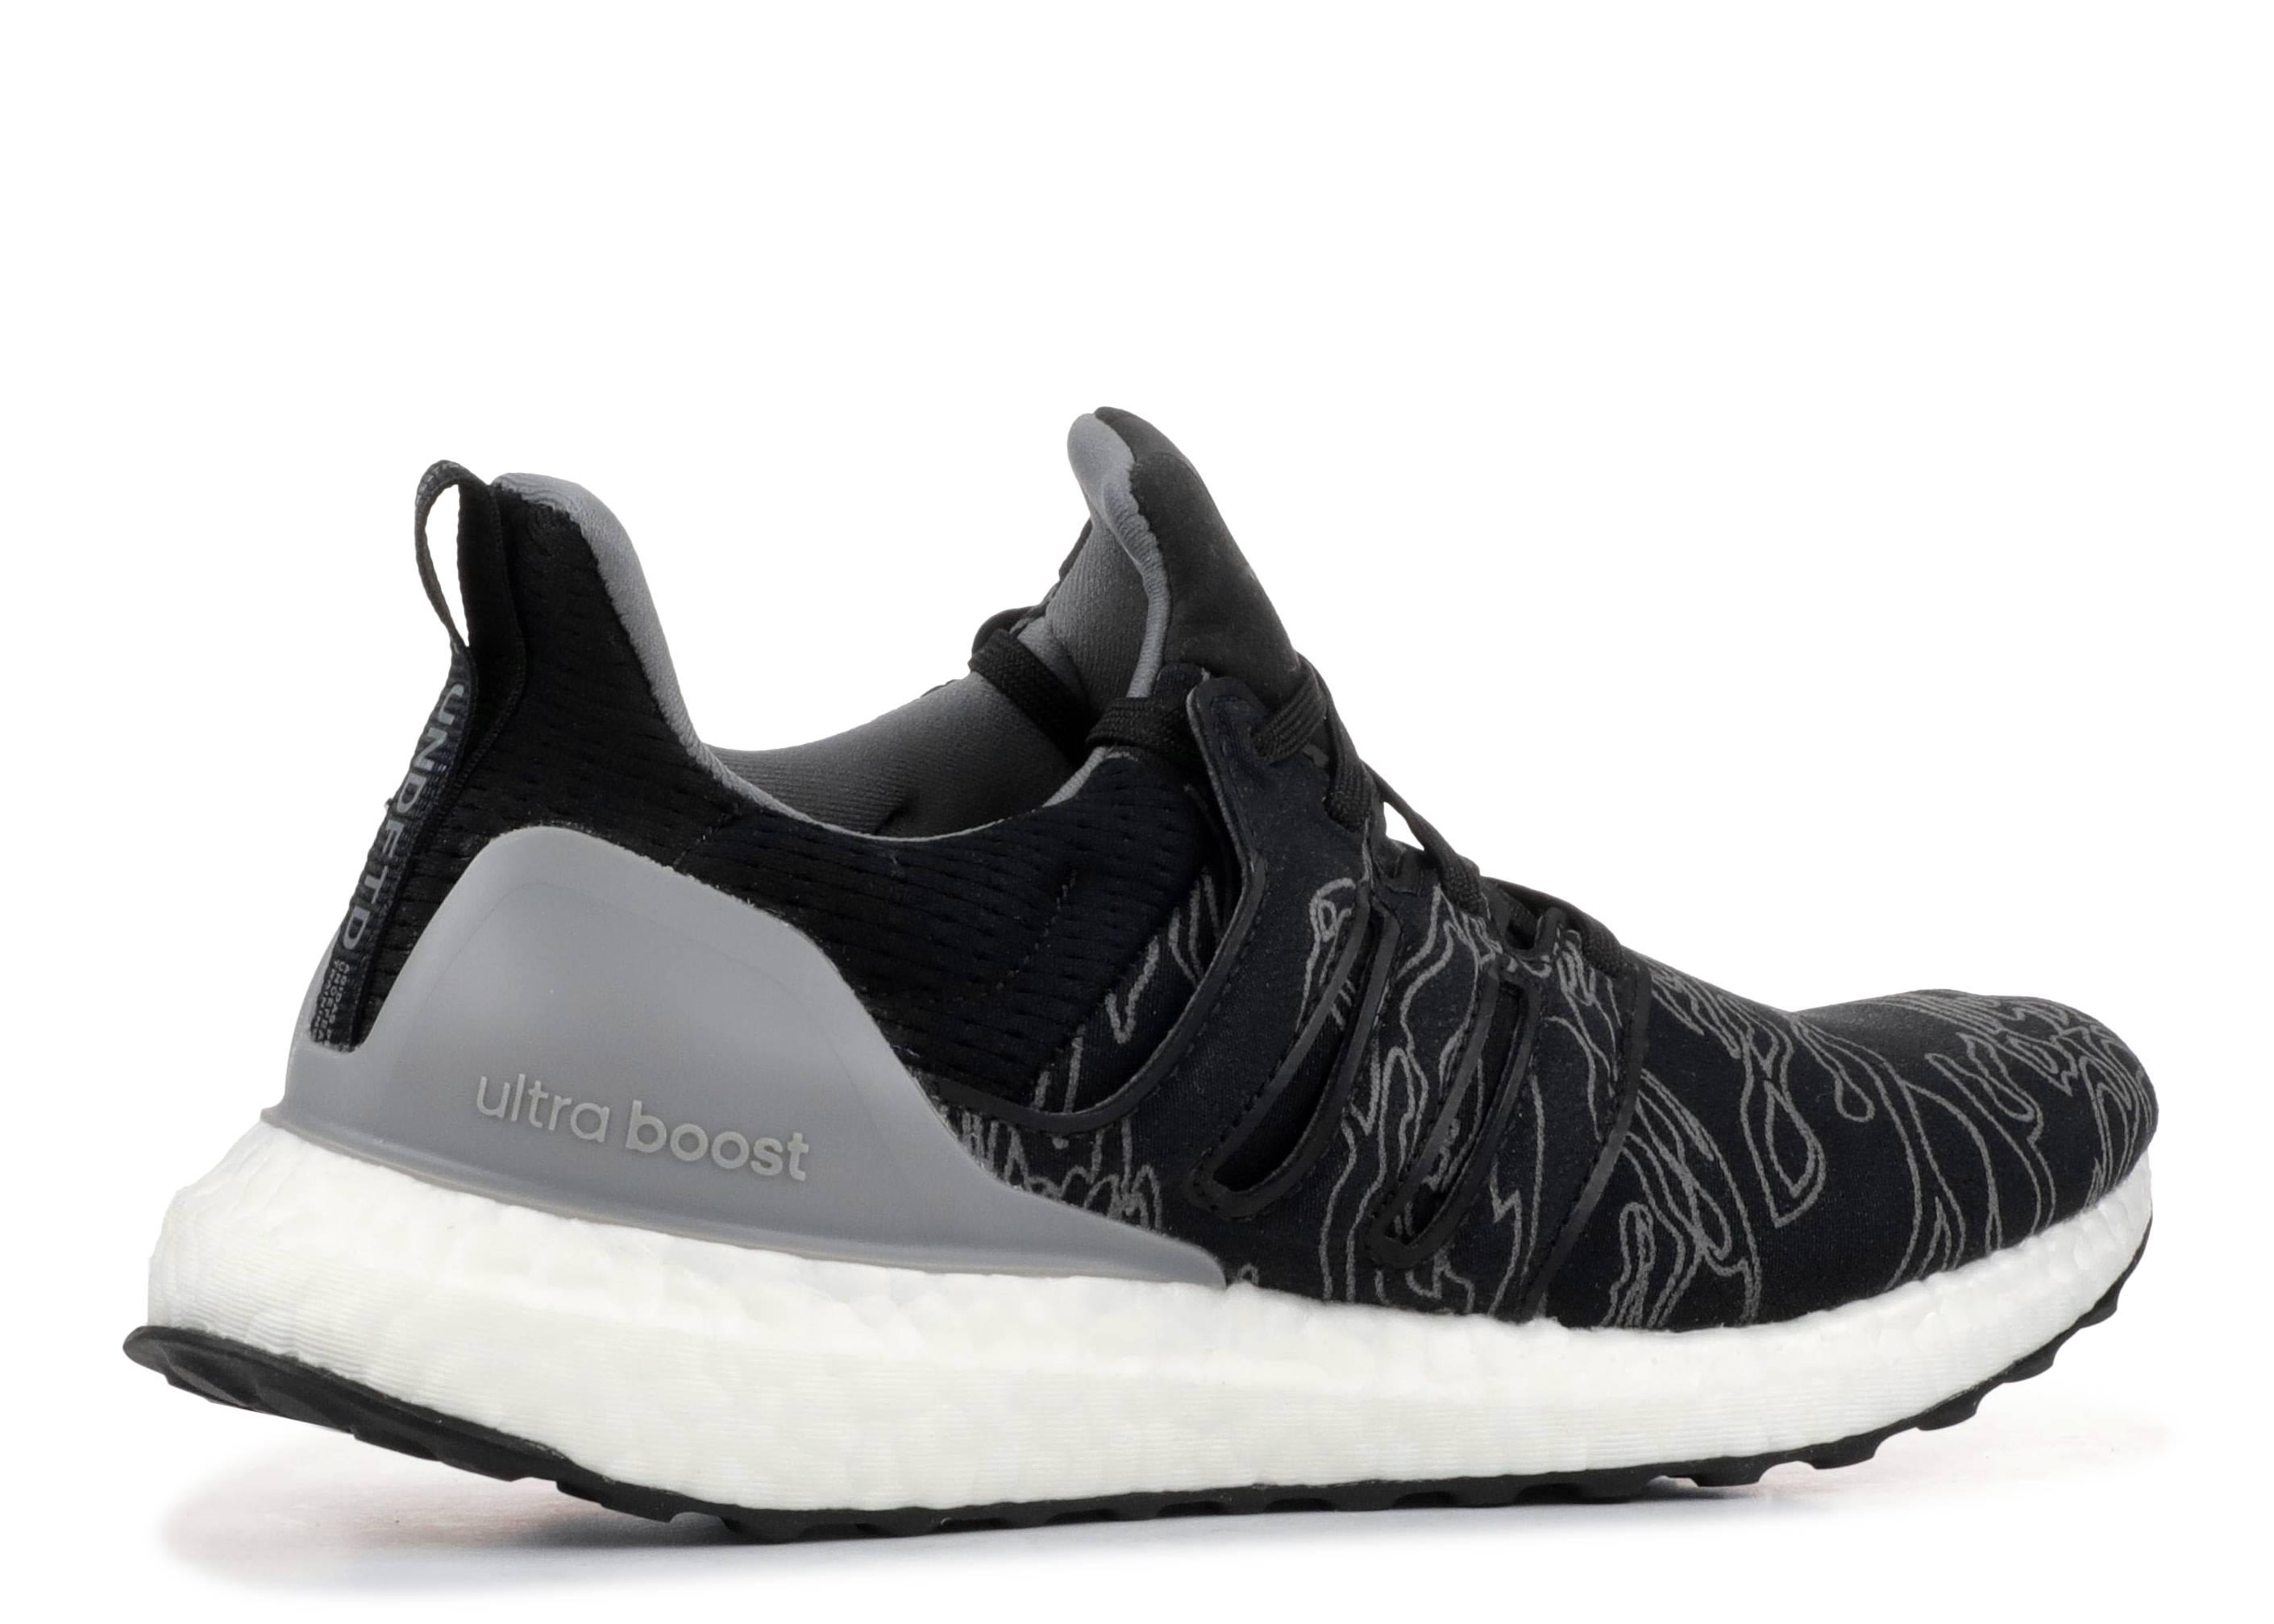 Adidas Ultraboost X Undftd - Adidas - BC0472 - shift grey cinder ... a3a678761bbe5